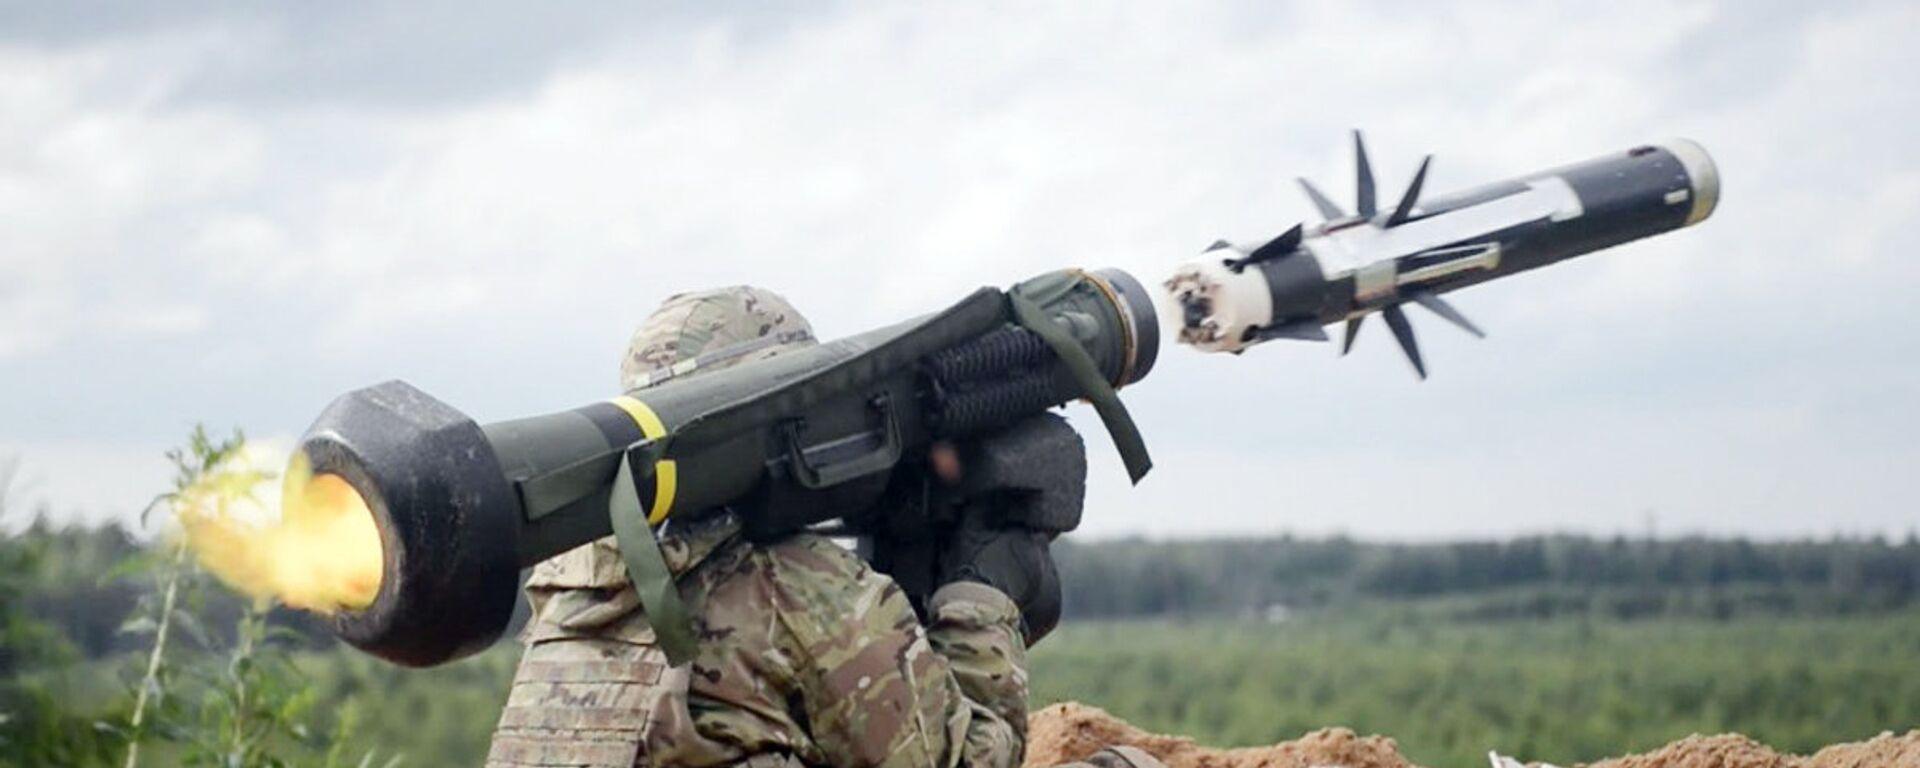 Американский военный производит выстрел из противотанкового ракетного комплекса (ПТРК) Javelin - Sputnik Ўзбекистон, 1920, 28.04.2021